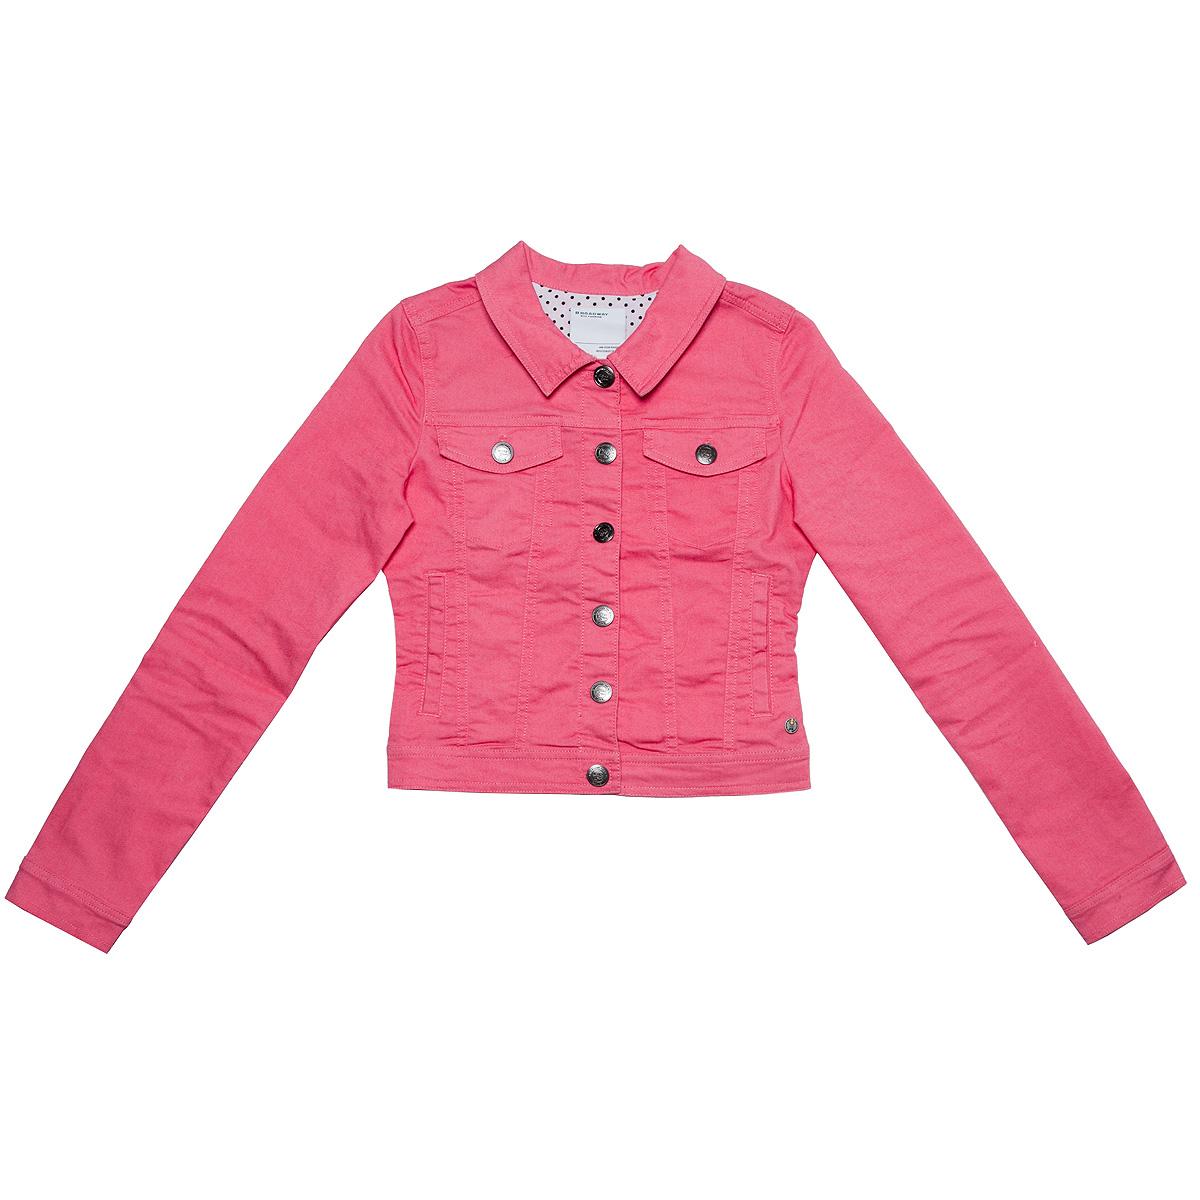 Куртка60100520Стильная женская куртка Broadway, изготовленная из высококачественного материала, легкая и комфортная, прекрасно подойдет для прогулок в прохладное время года. Модель с длинными рукавами и отложным воротником застегивается на пуговицы. Спереди расположены два прорезных кармана и два кармана на груди с клапанами на пуговицах. Манжеты рукавов также застегиваются на пуговицы. Такая куртка отлично дополнит ваш образ и позволит выделиться из толпы.